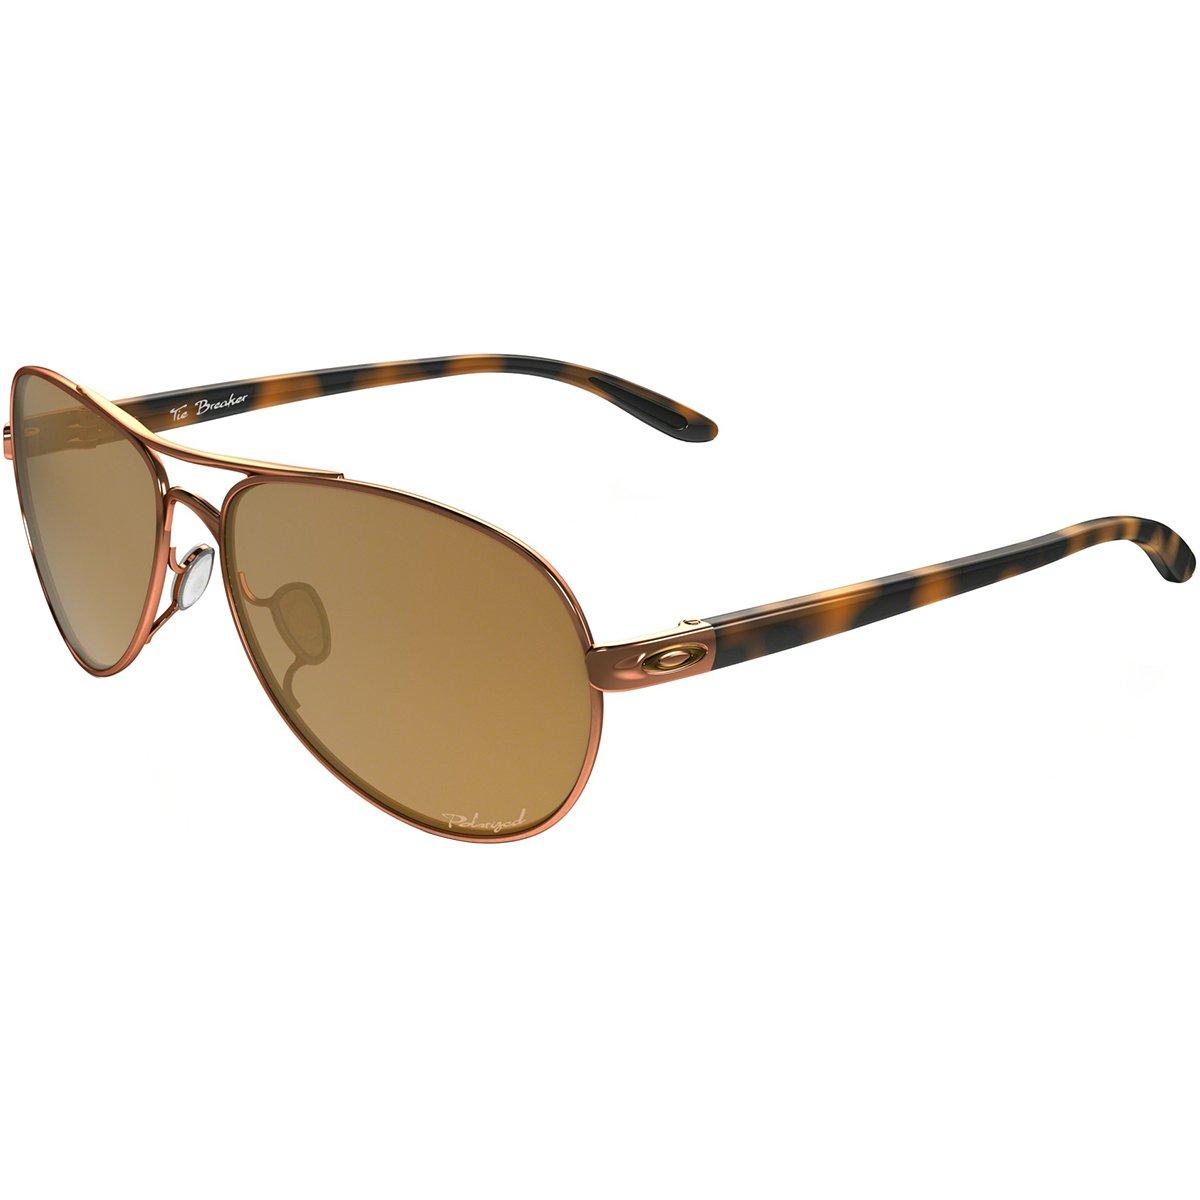 Oakley Women's Tie Breaker Polarized Aviator Sunglasses, Rose Gold, 56 mm by Oakley